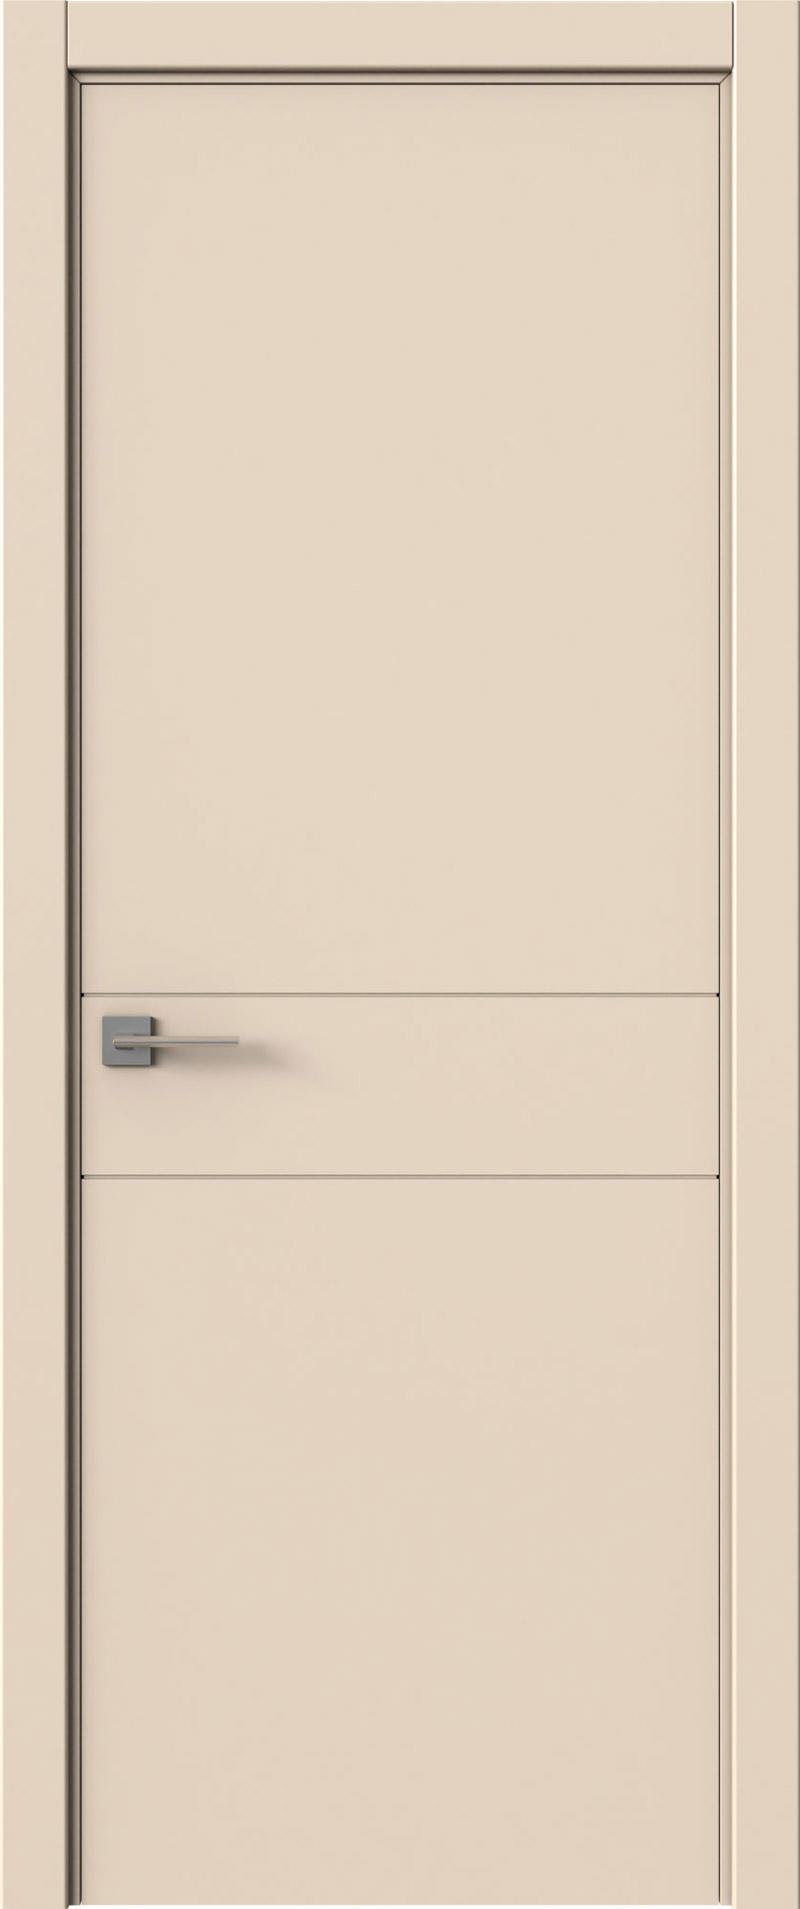 Tivoli И-2 цвет - Жемчужная эмаль (RAL 1013) Без стекла (ДГ)